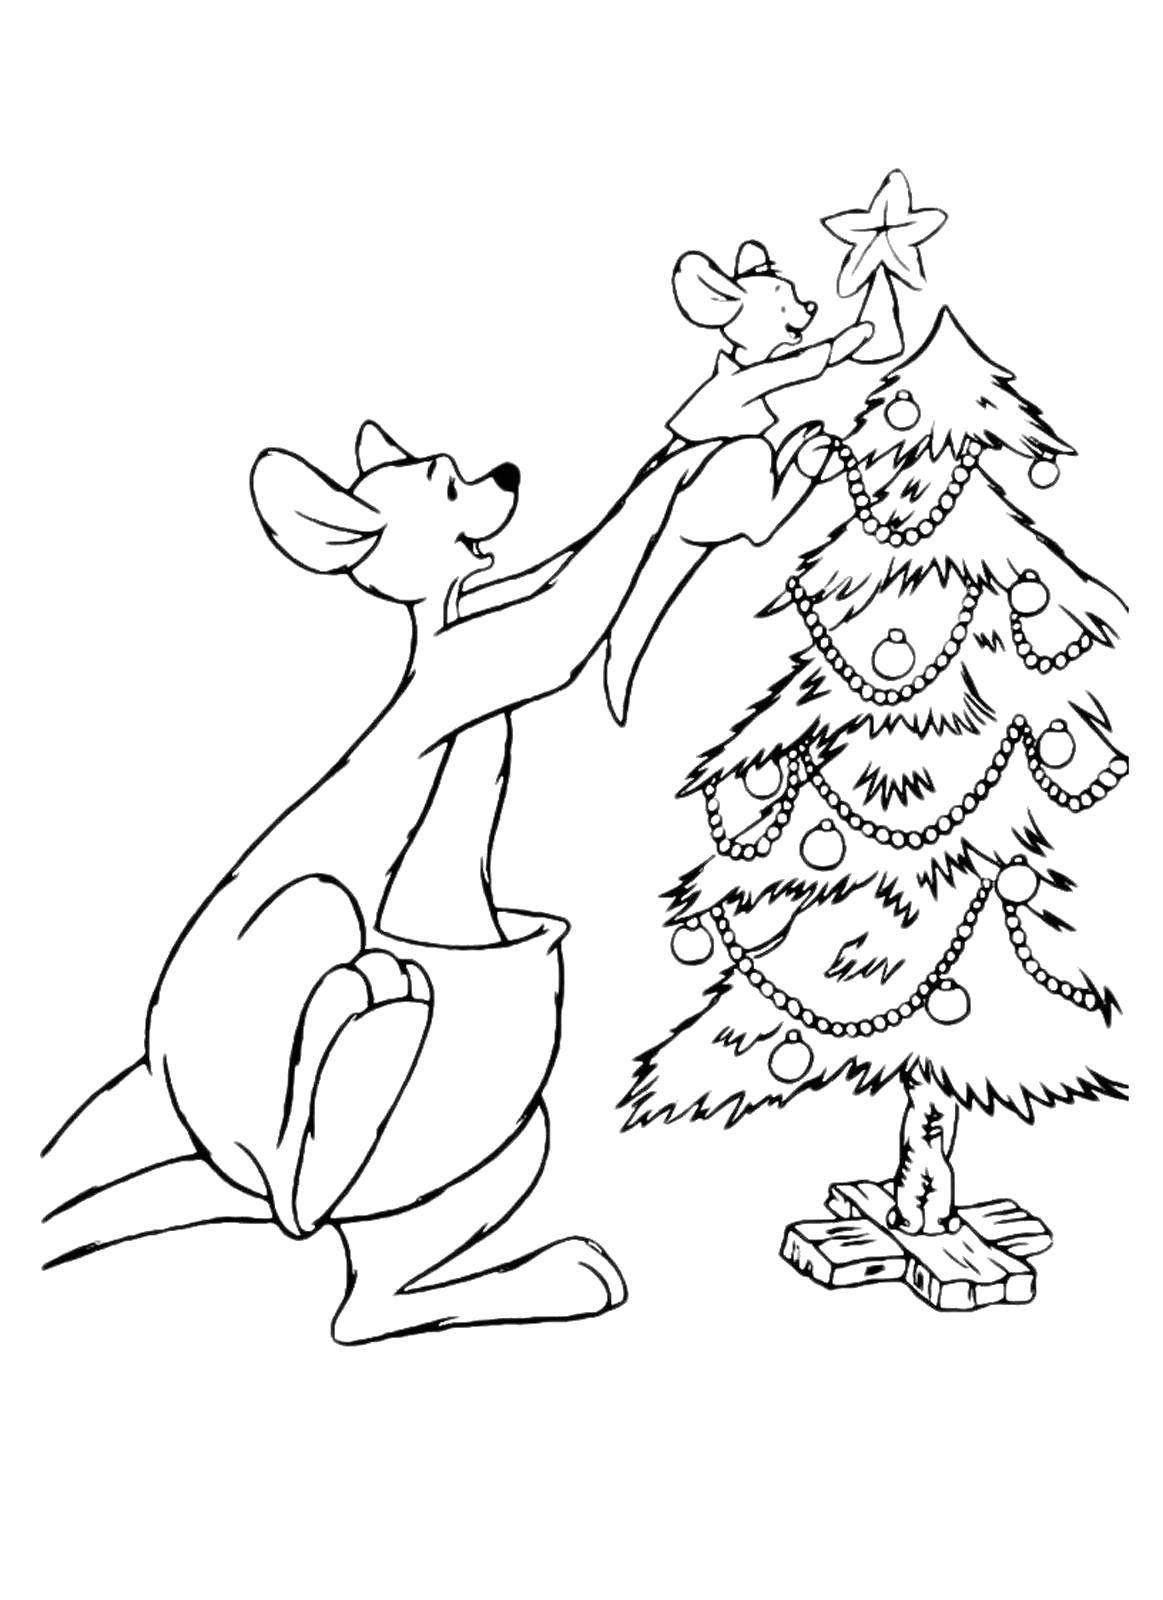 Raskraska Kenguru Ukrashaet Yolochku Skachat Novyj God Yolka Podarki Igrushki Raspechatat Raskraski Elki Kerst Kangoeroe Kerstmis